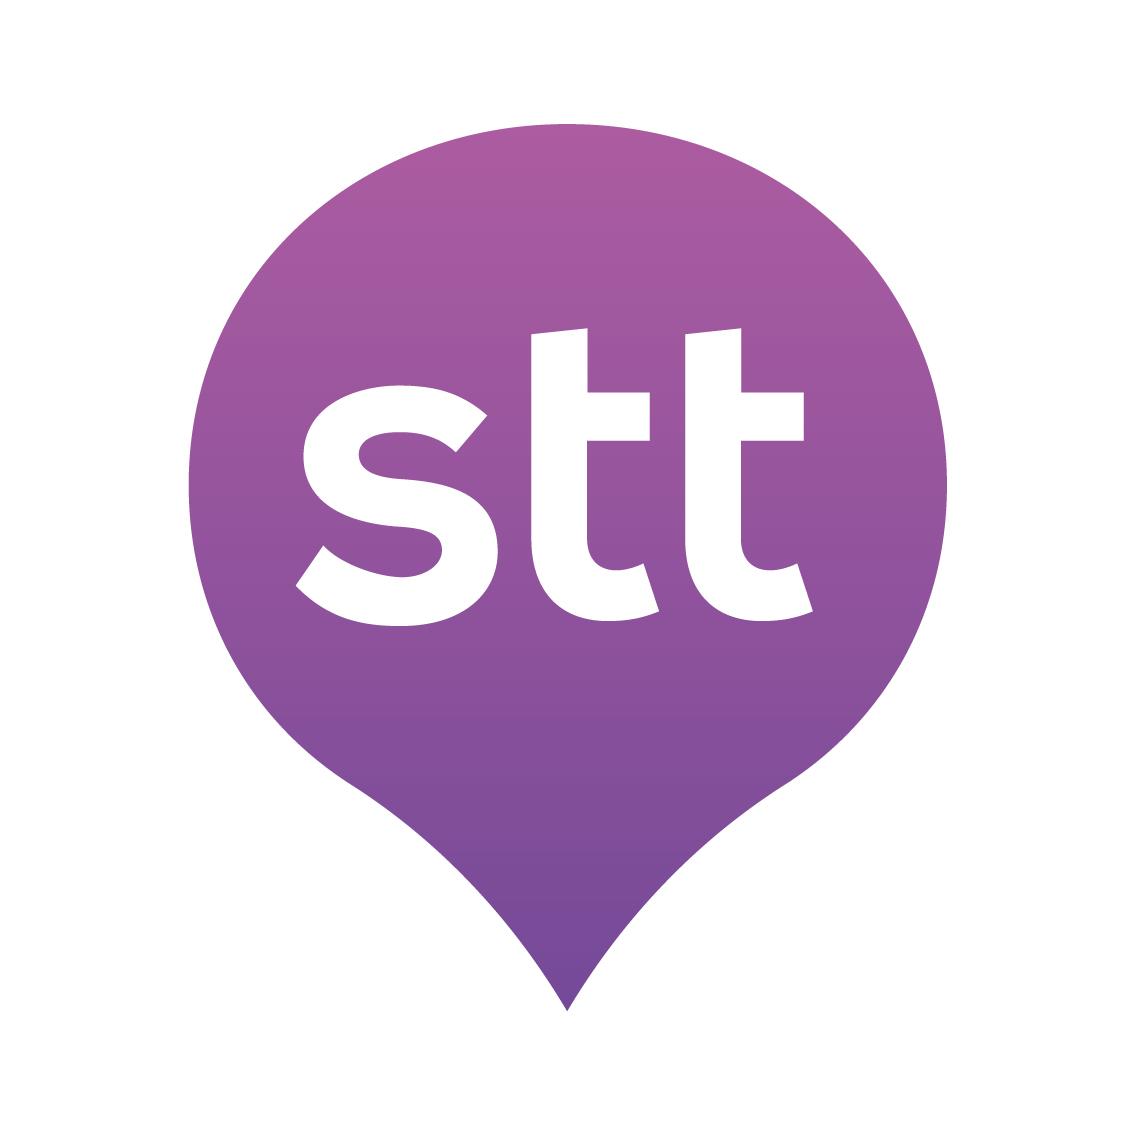 STT-Logo Mark2.jpg